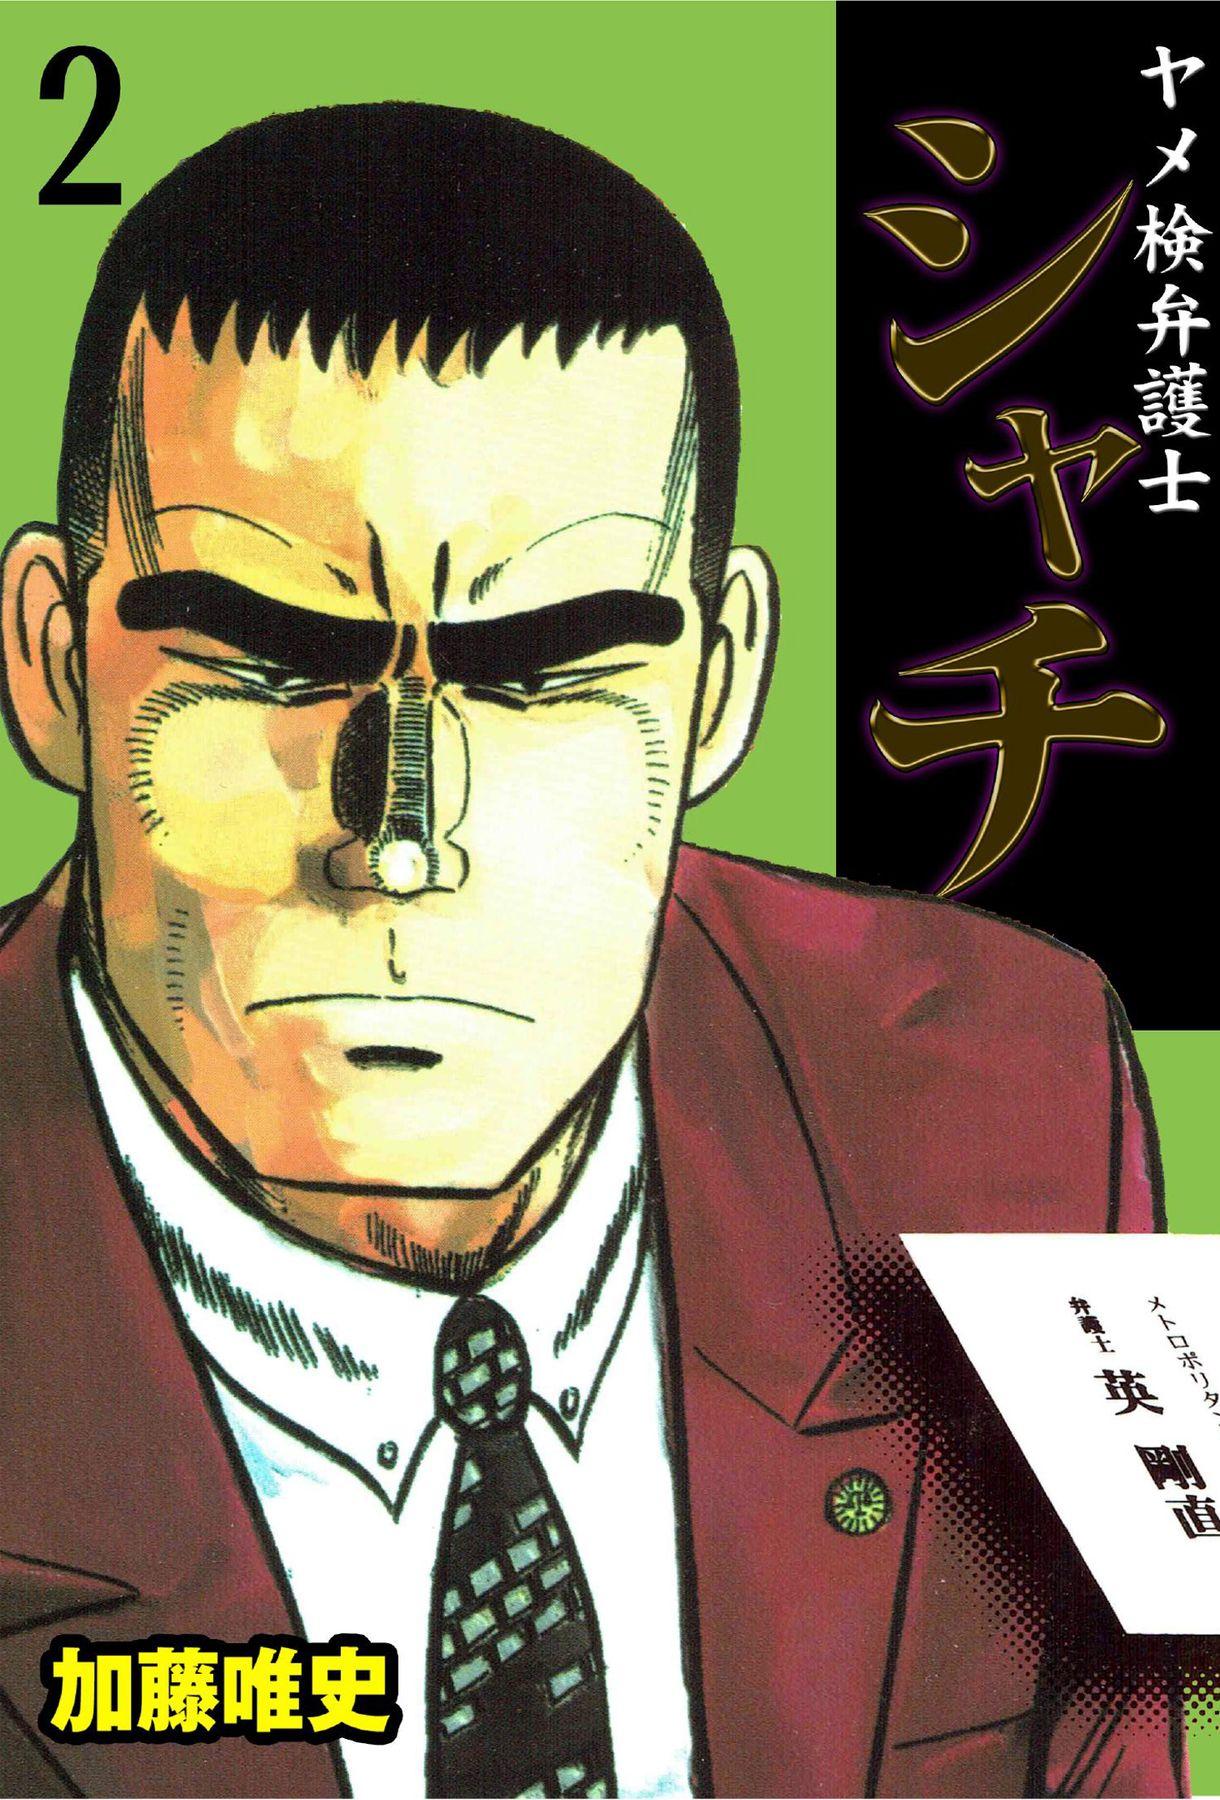 ヤメ検弁護士シャチ(第2巻)